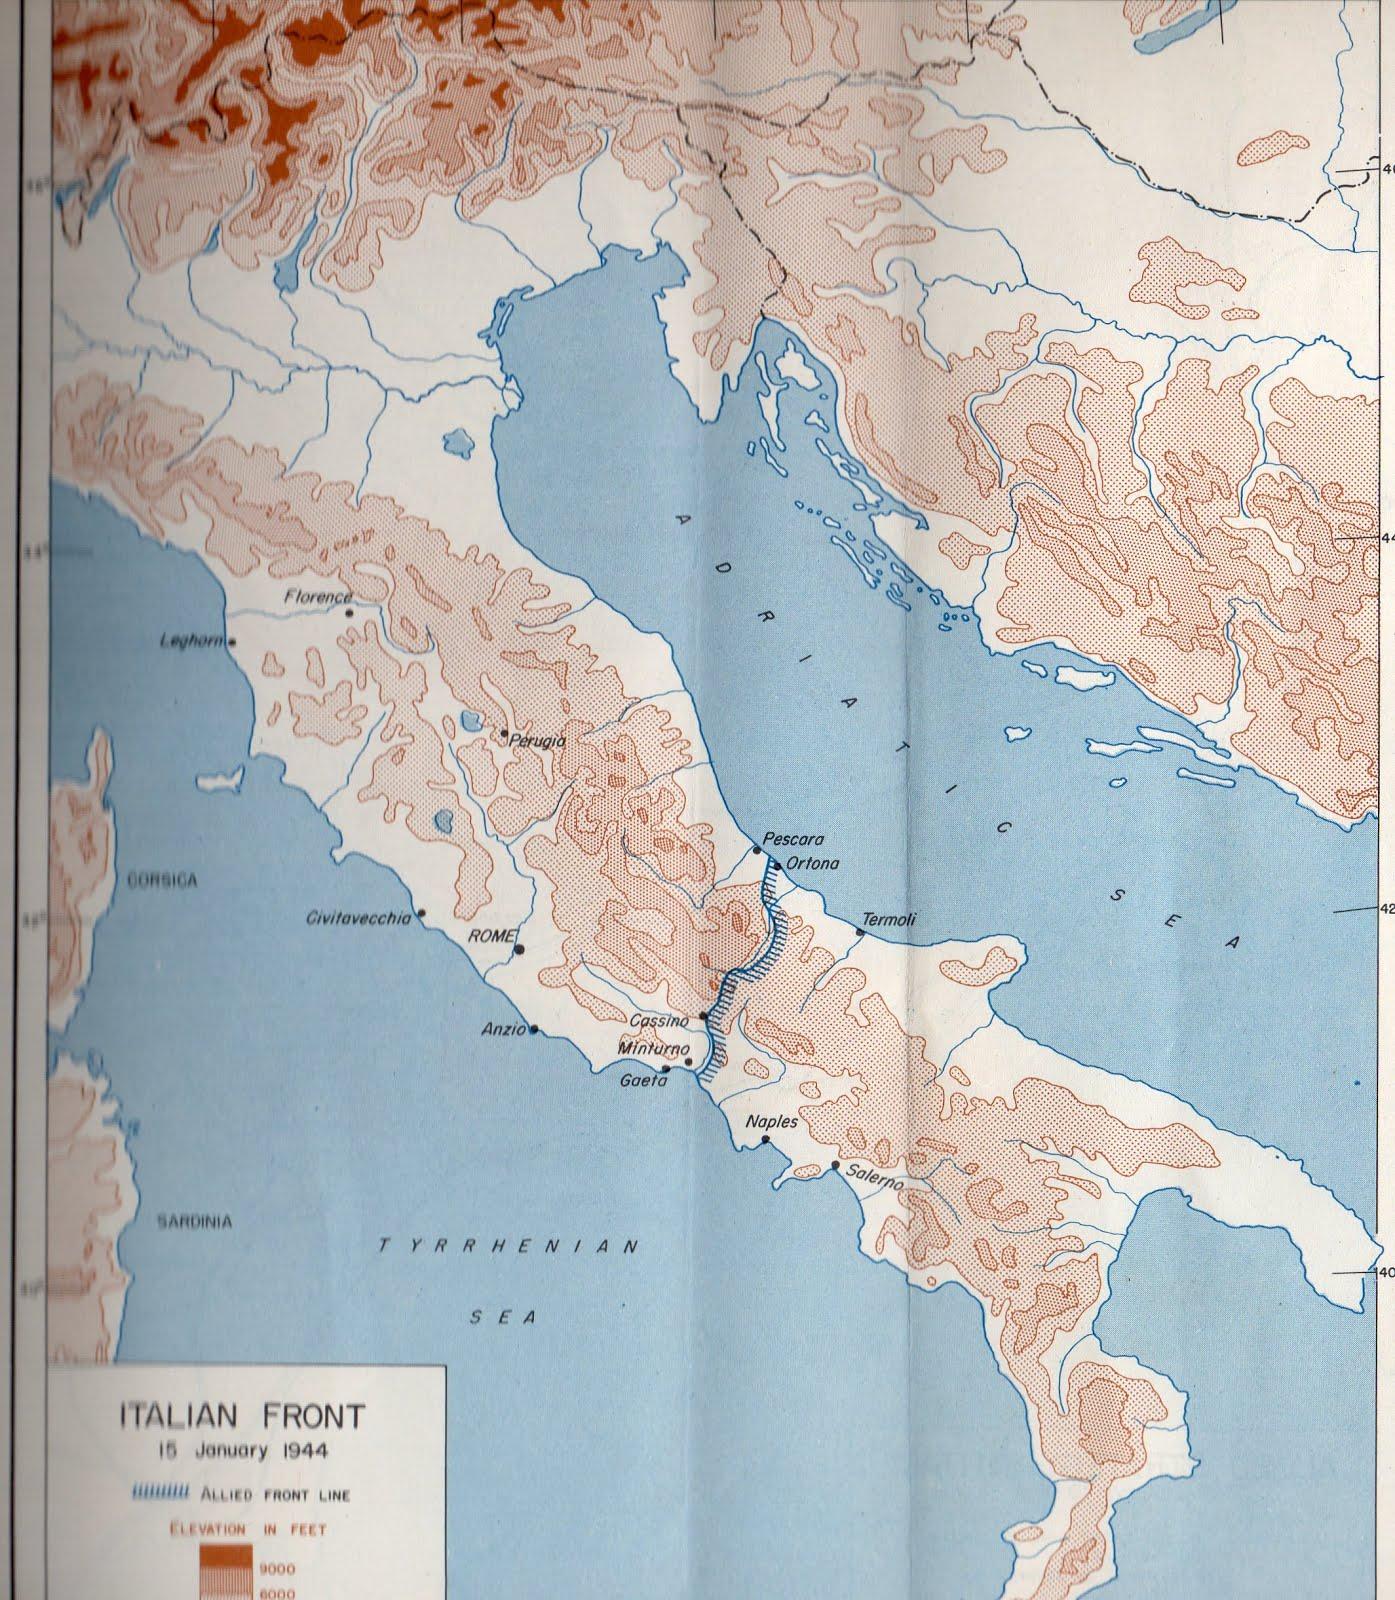 Dizionario Compendio 1944